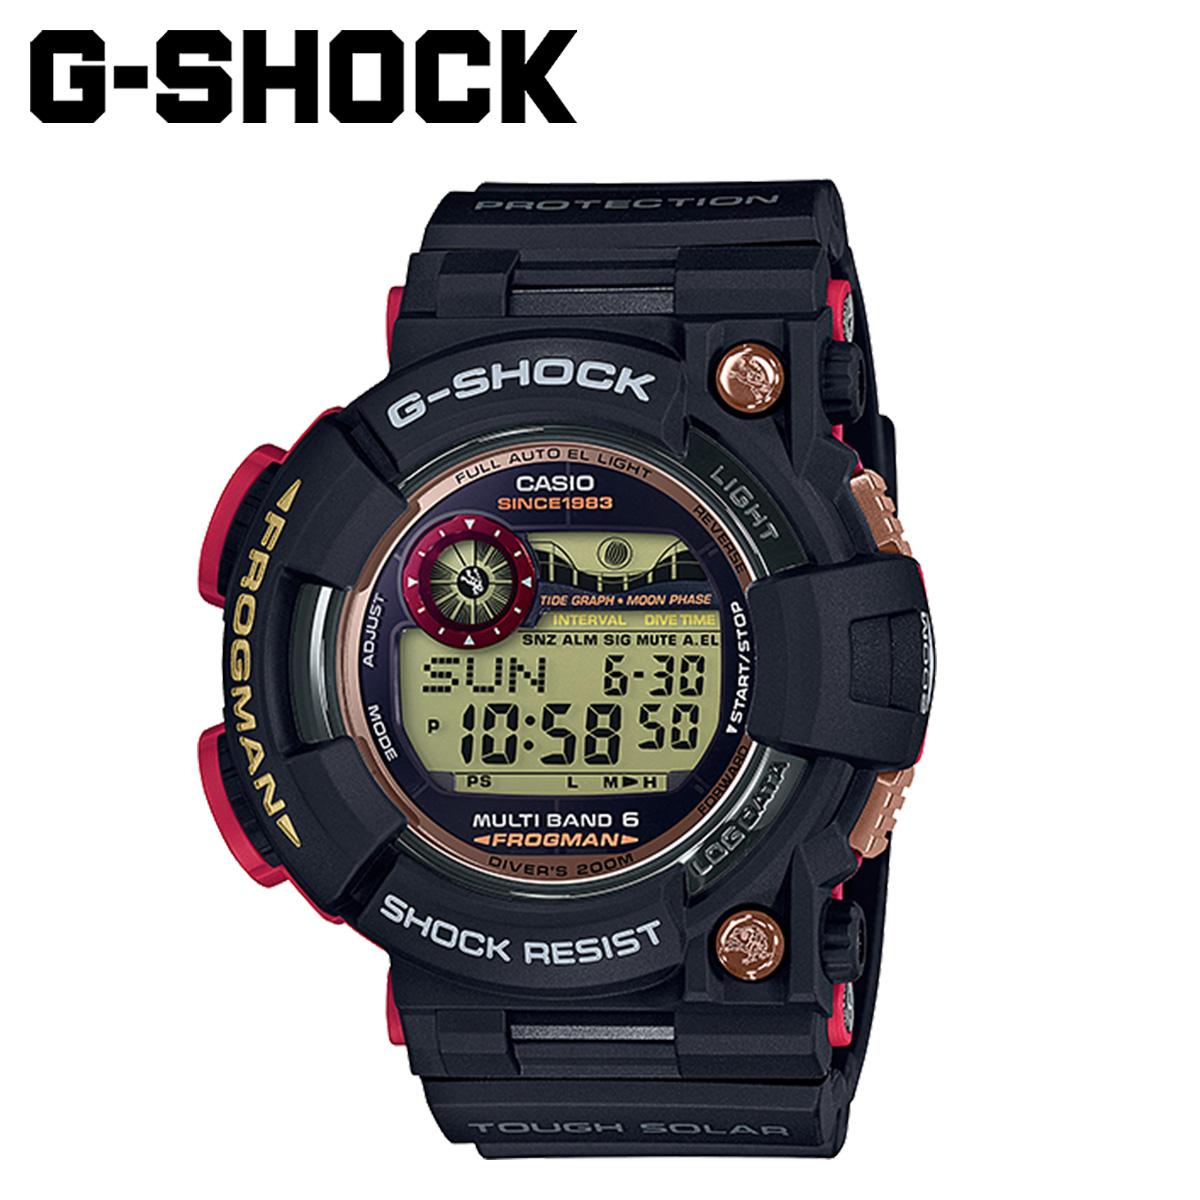 【最大2000円OFFクーポン】 カシオ CASIO G-SHOCK 腕時計 GWF-1035F-1JR FROGMAN MAGMA OCEAN 35周年 ブラック メンズ レディース